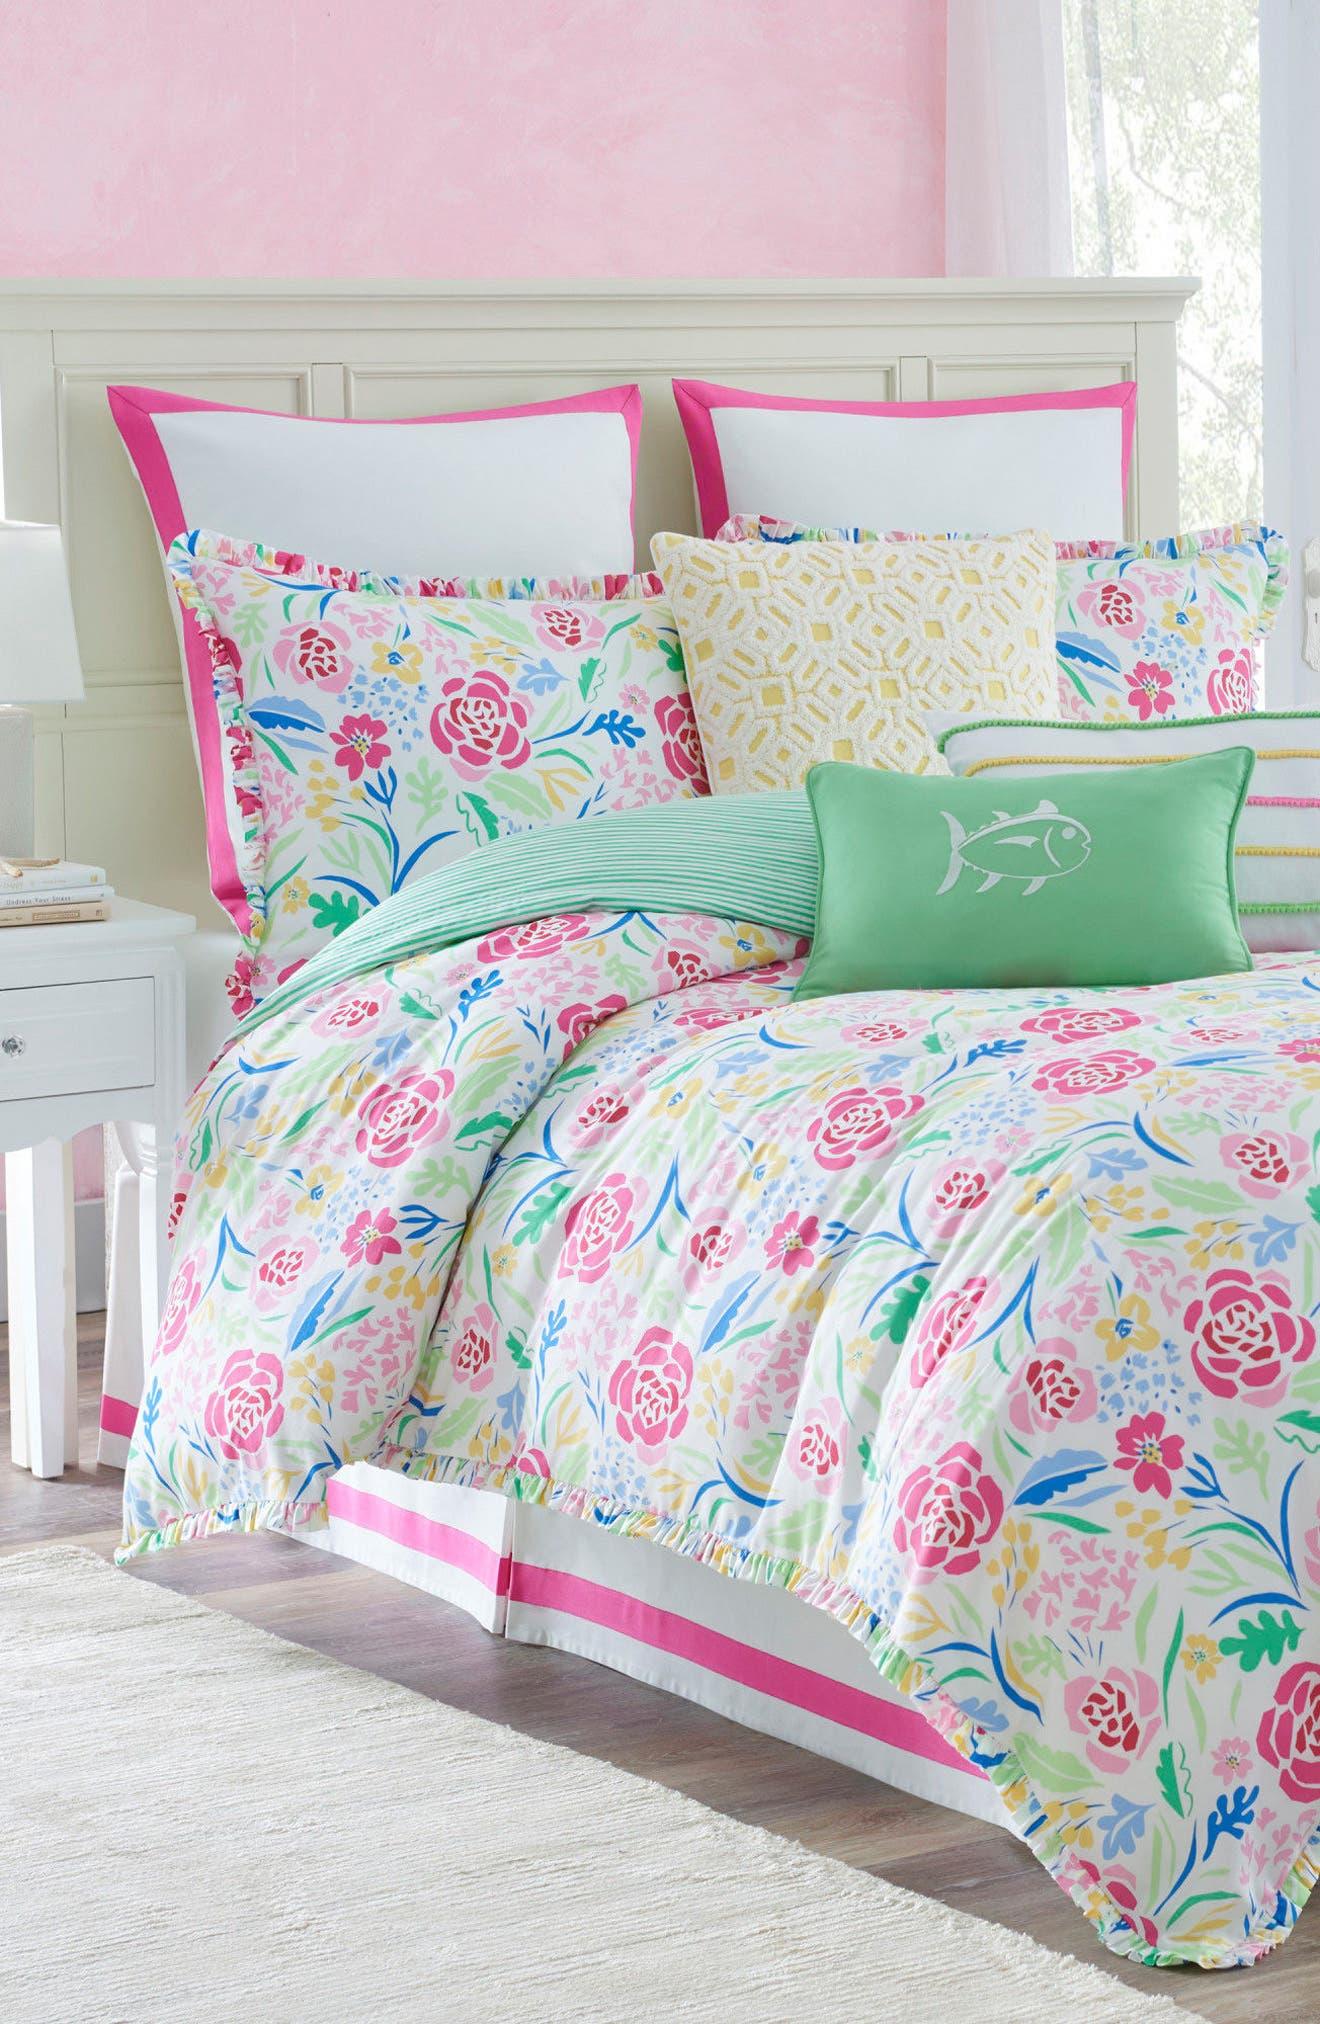 Main Image - Southern Tide Kiawah Floral Comforter, Sham & Bed Skirt Set